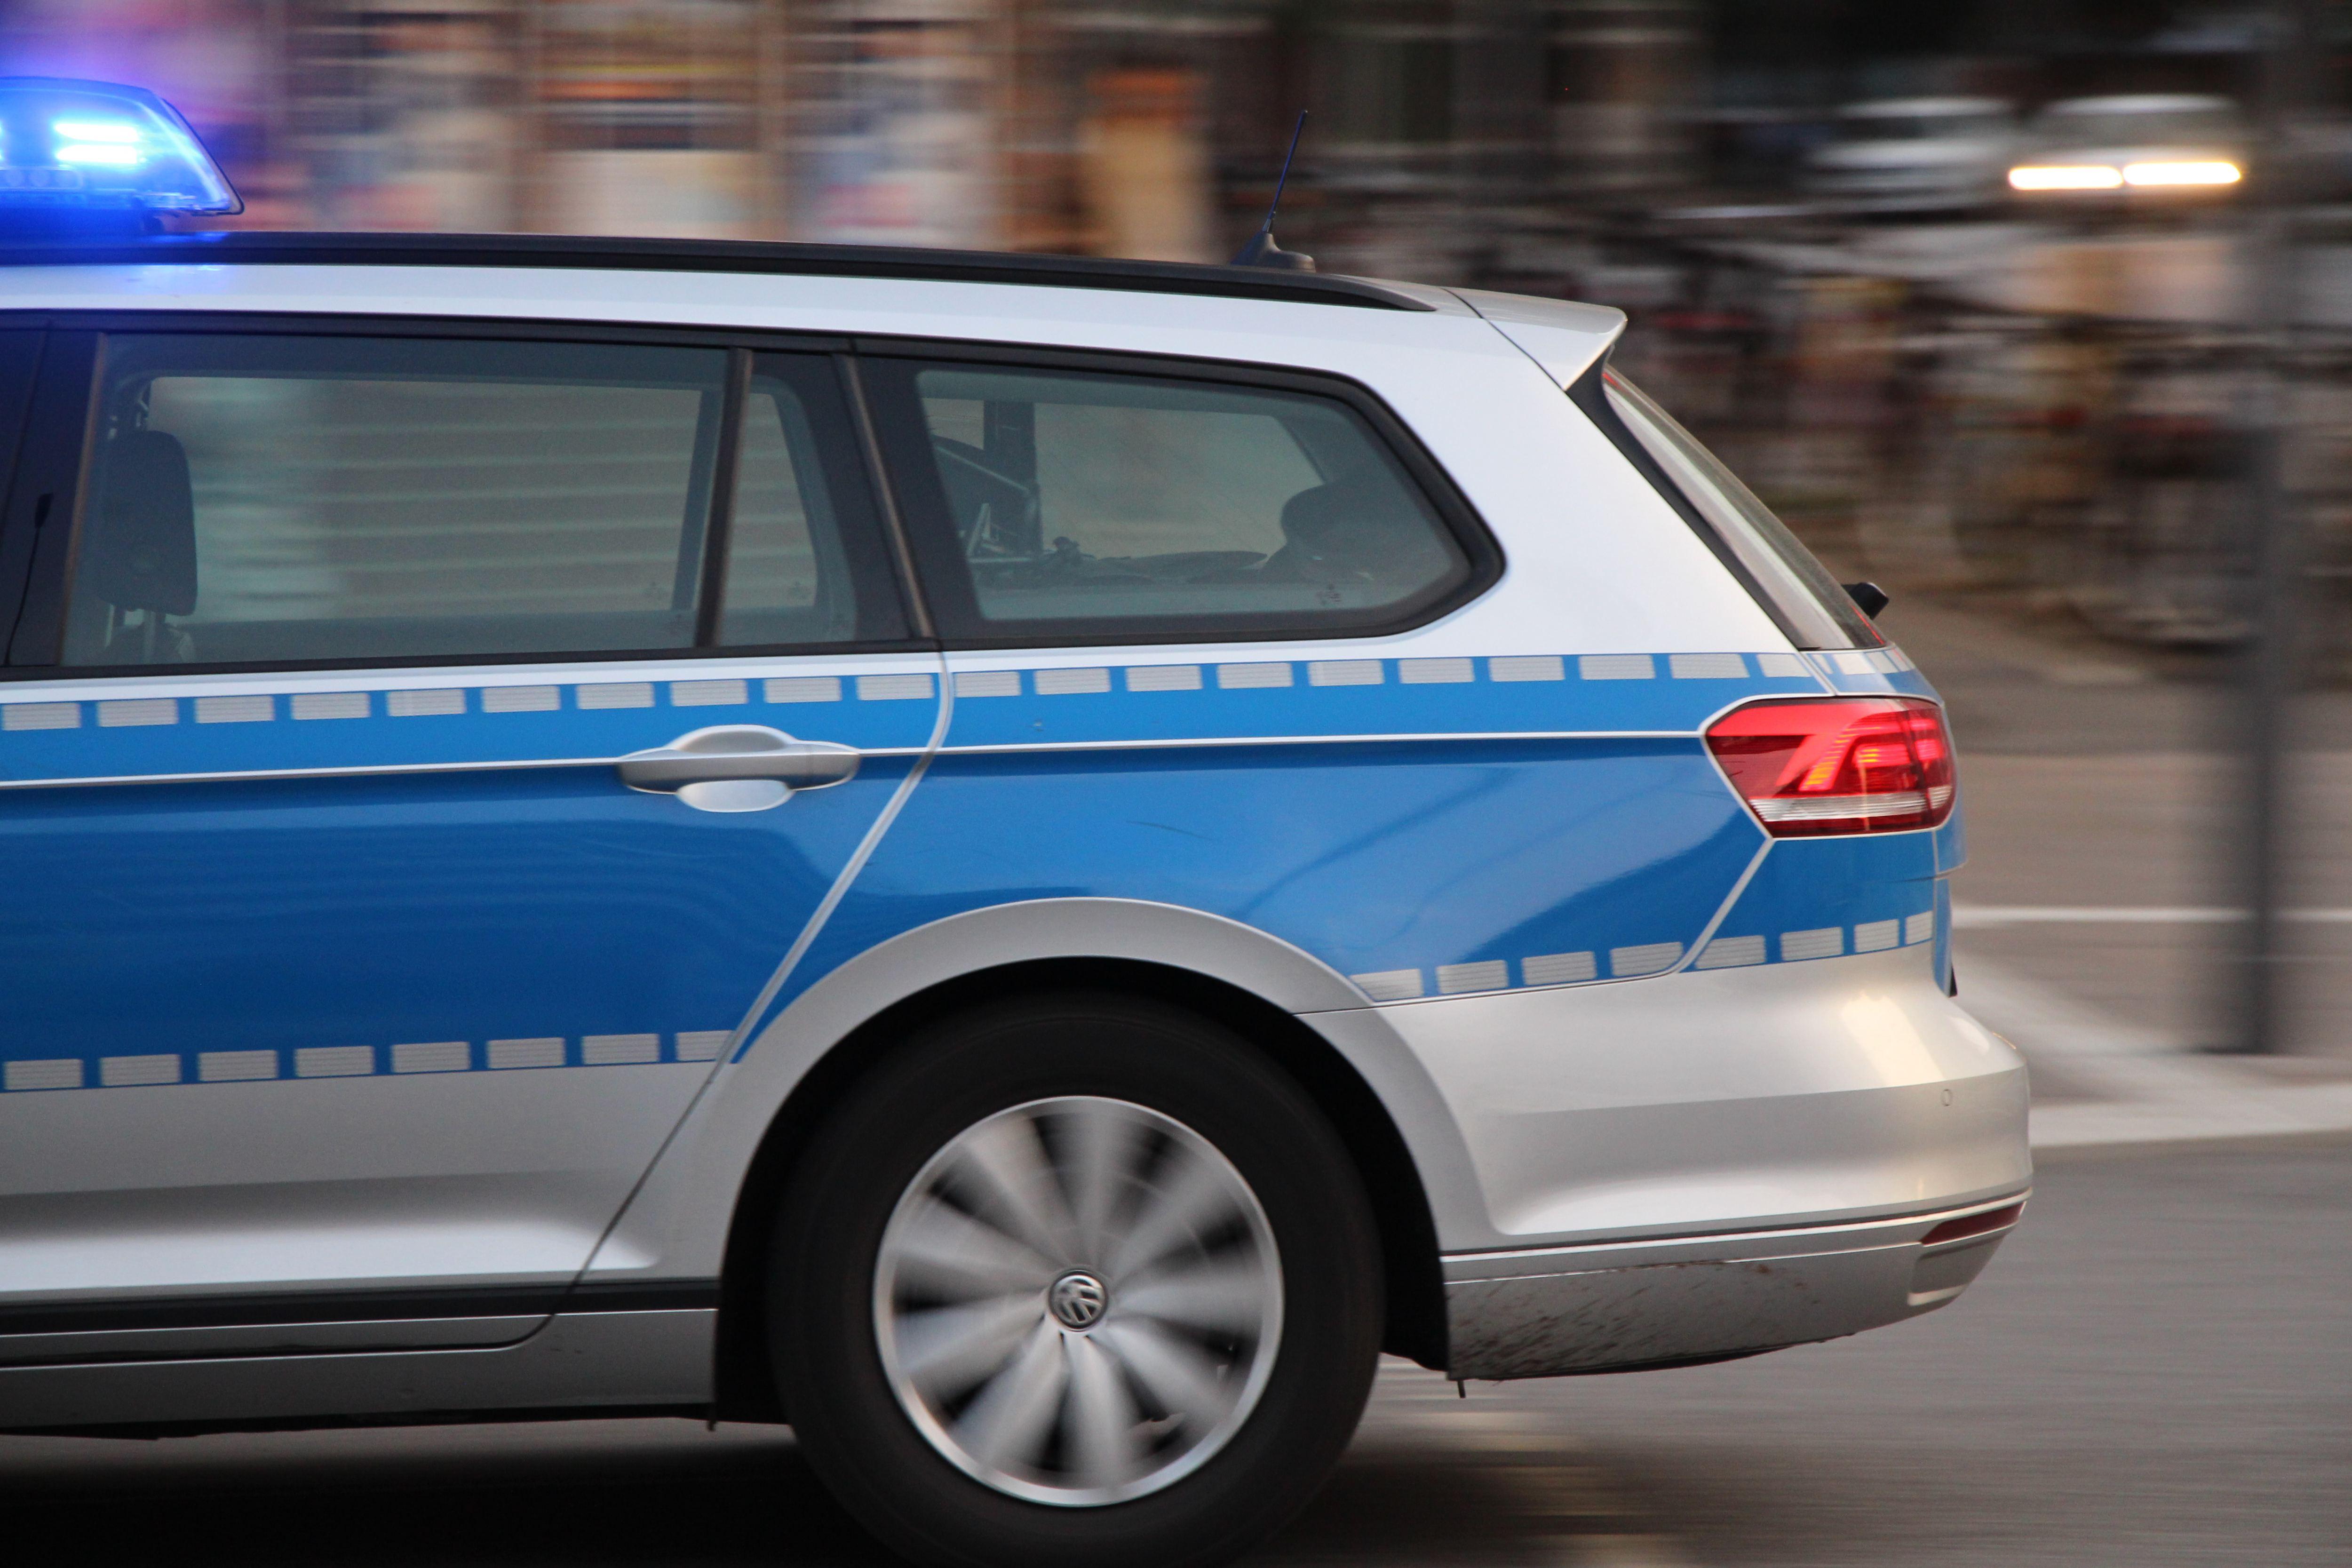 Festnahme wegen Einbrüchen in Eimsbüttel und Stellingen